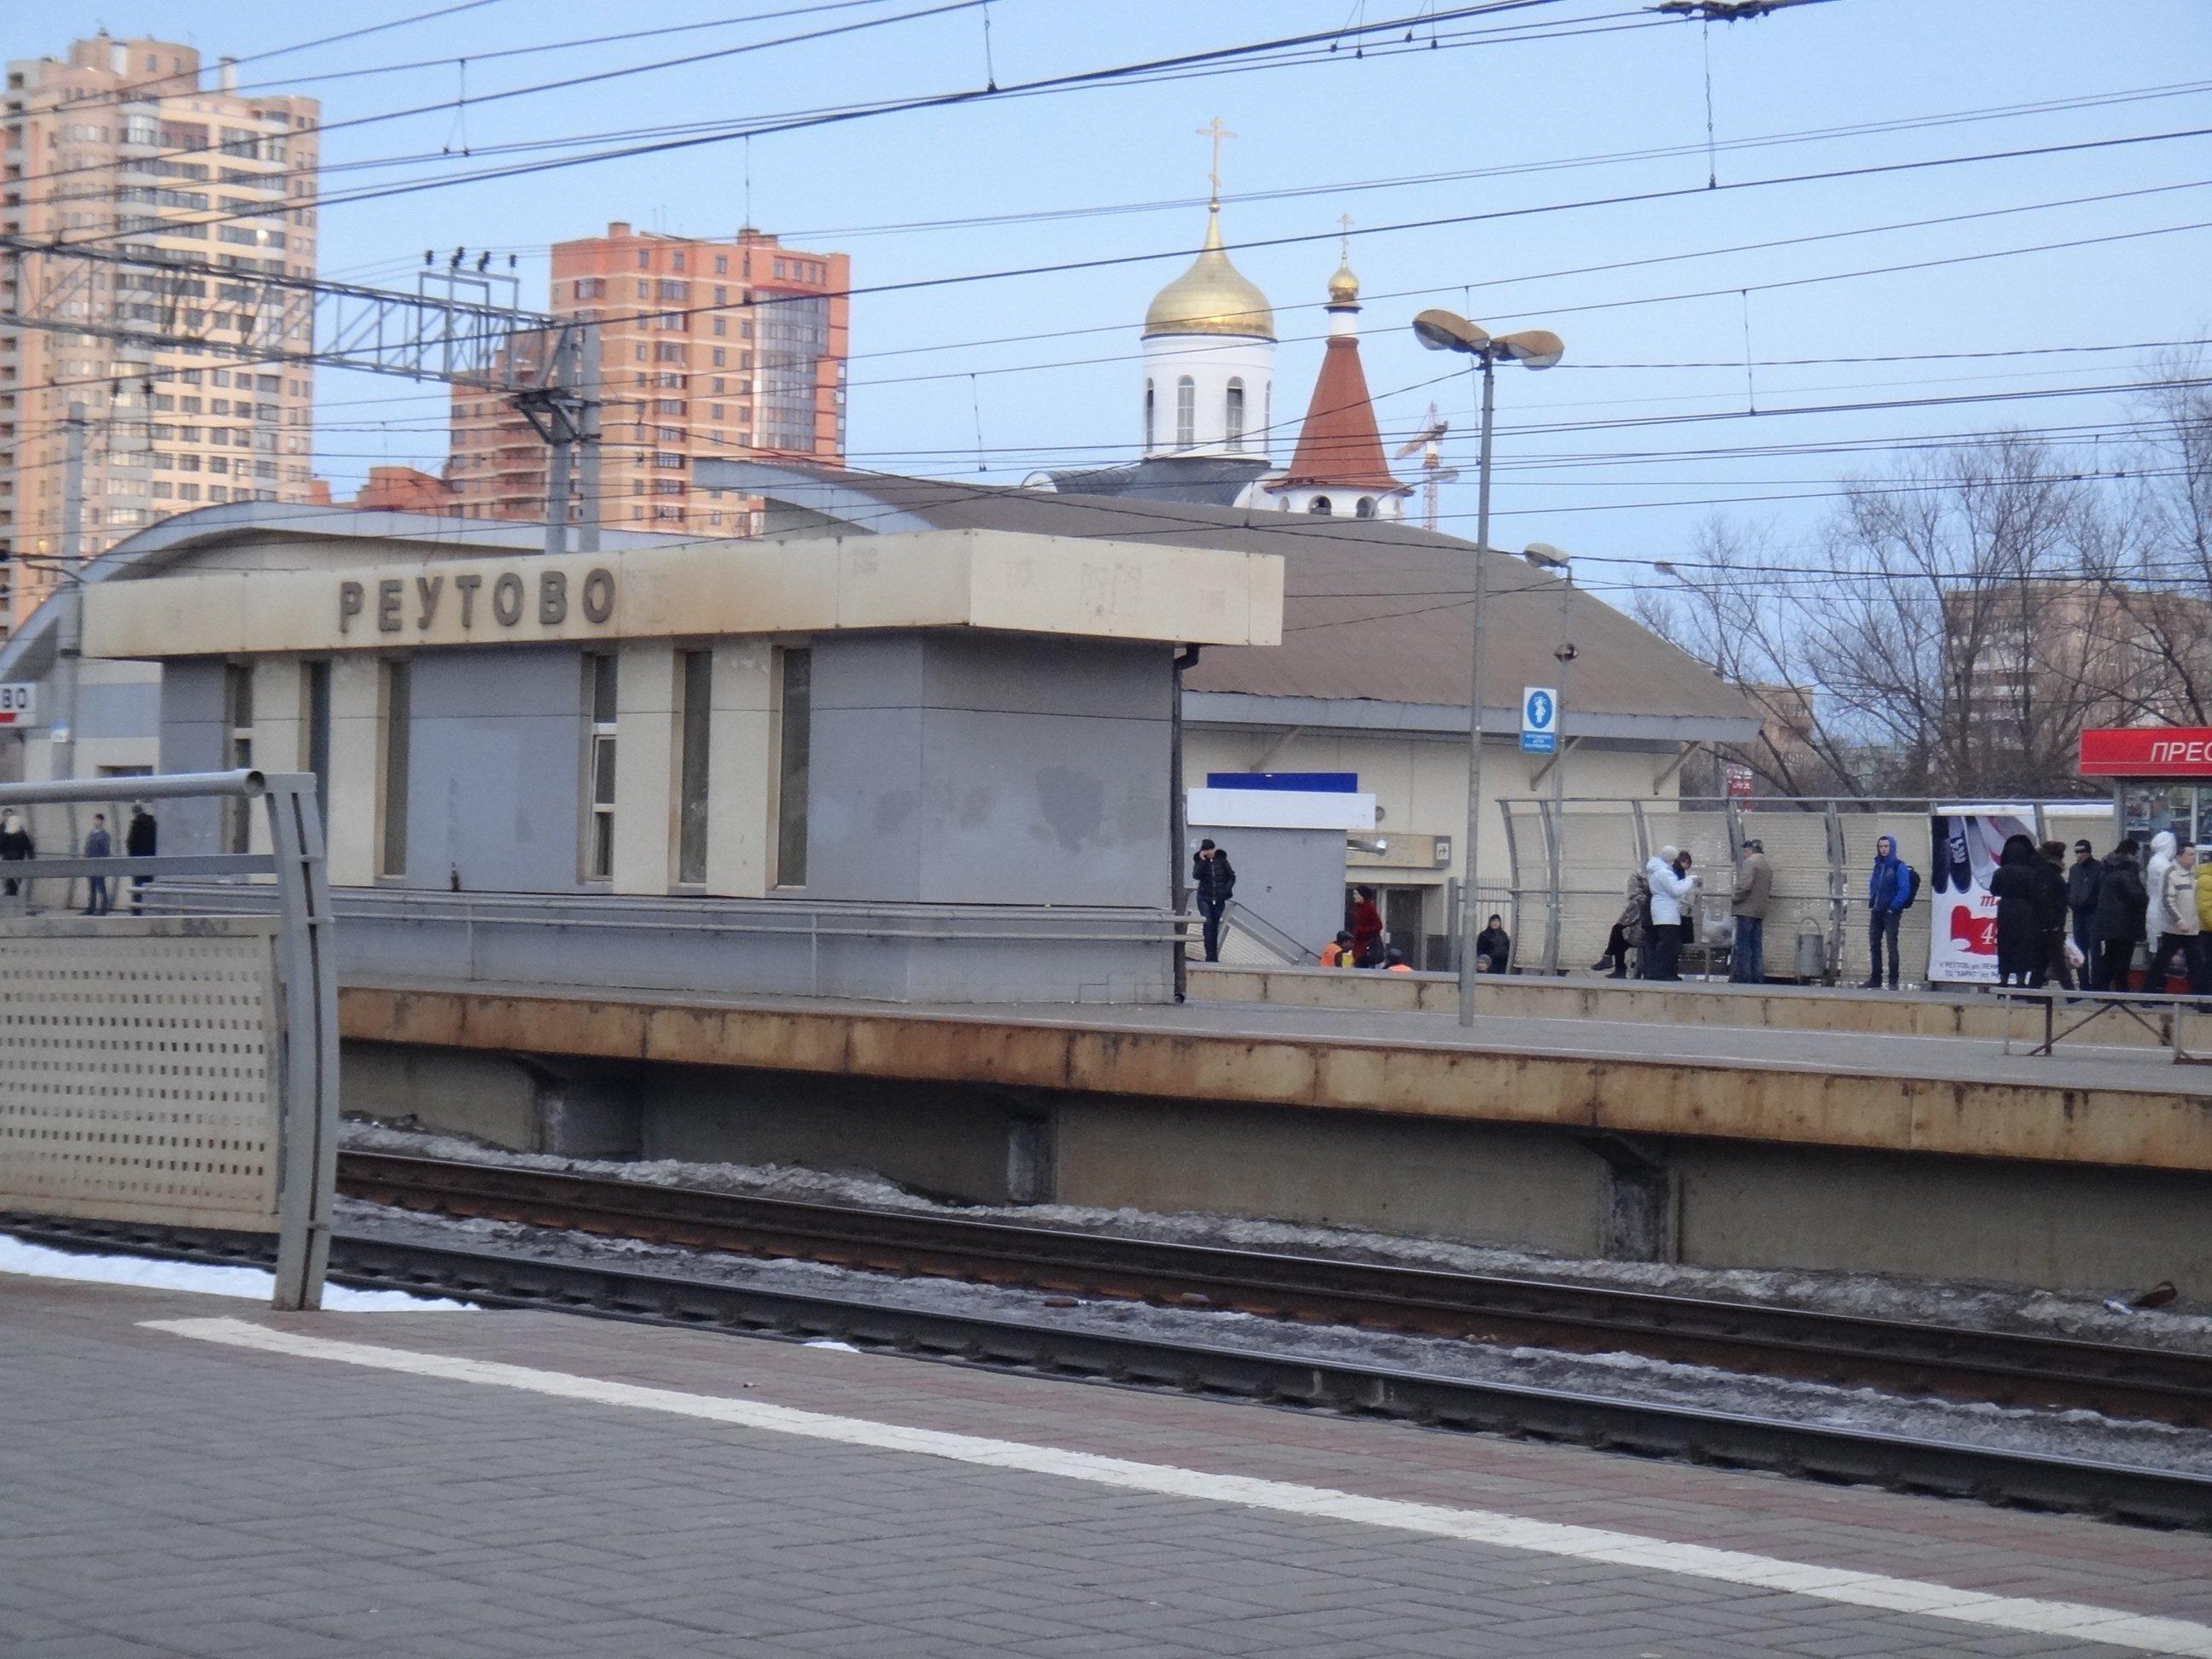 Мужское тело обнаружили на ж/д станции «Реутово»— Подмосковье